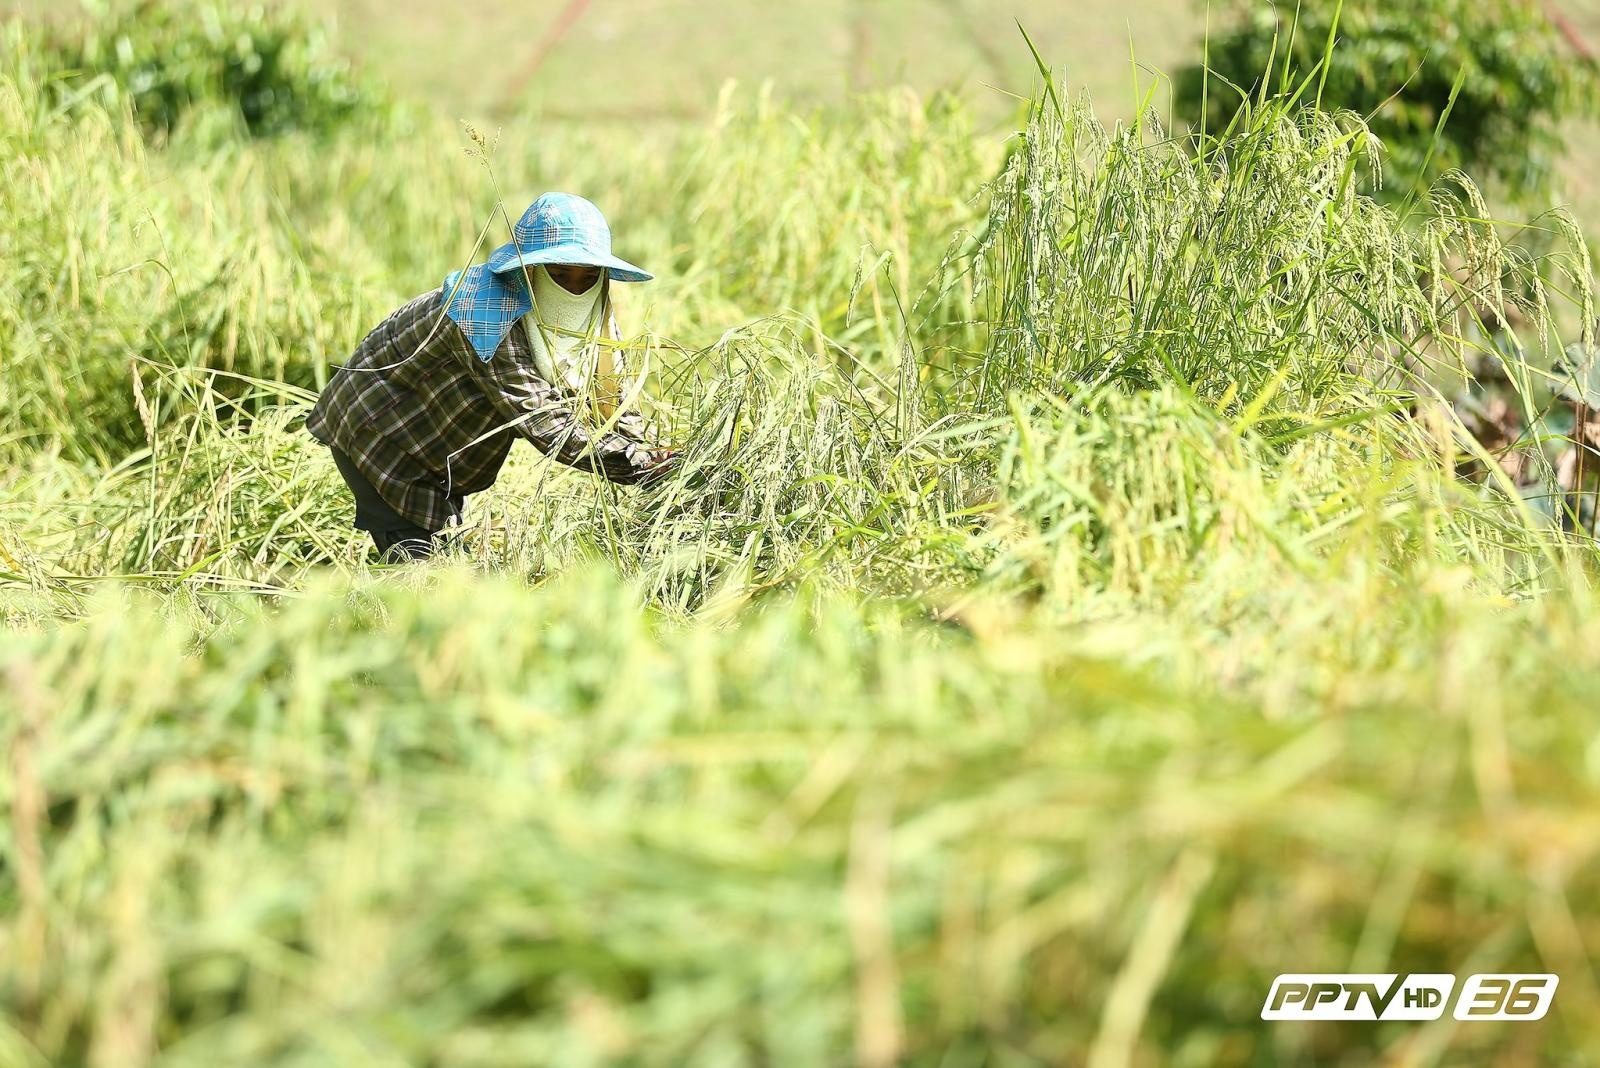 กระทรวงวิทย์ฯ เปิดพื้นที่ช่วยชาวนาขายข้าวหอมมะลิเกรดเอ เริ่ม 7 พ.ย. นี้